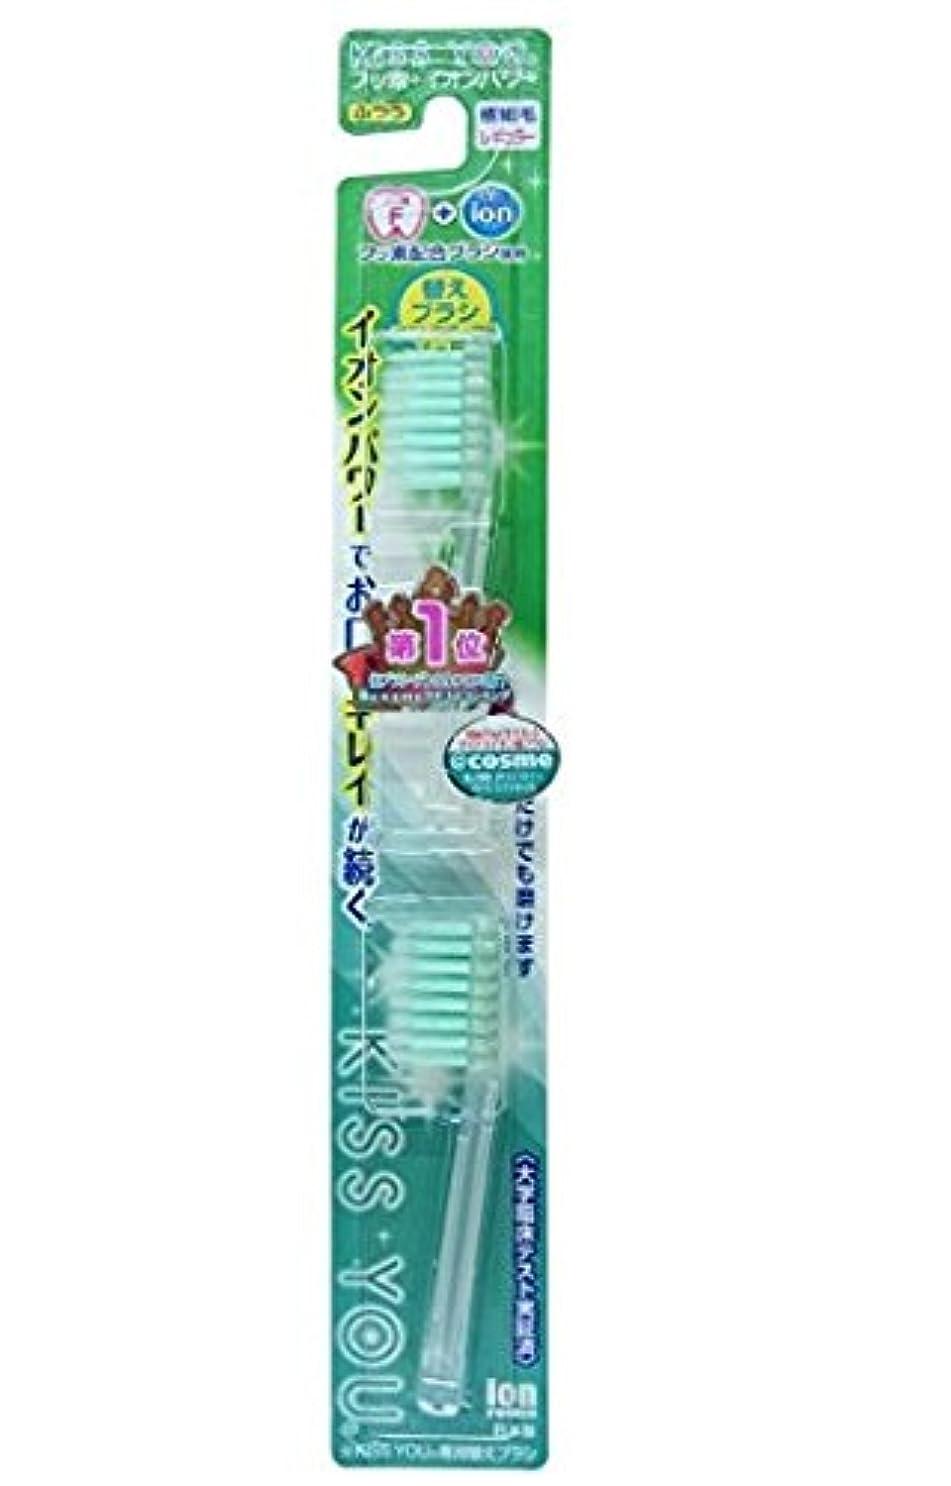 バンジョーティーム誇張するフッ素イオン歯ブラシ極細レギュラー替えブラシふつう × 5個セット